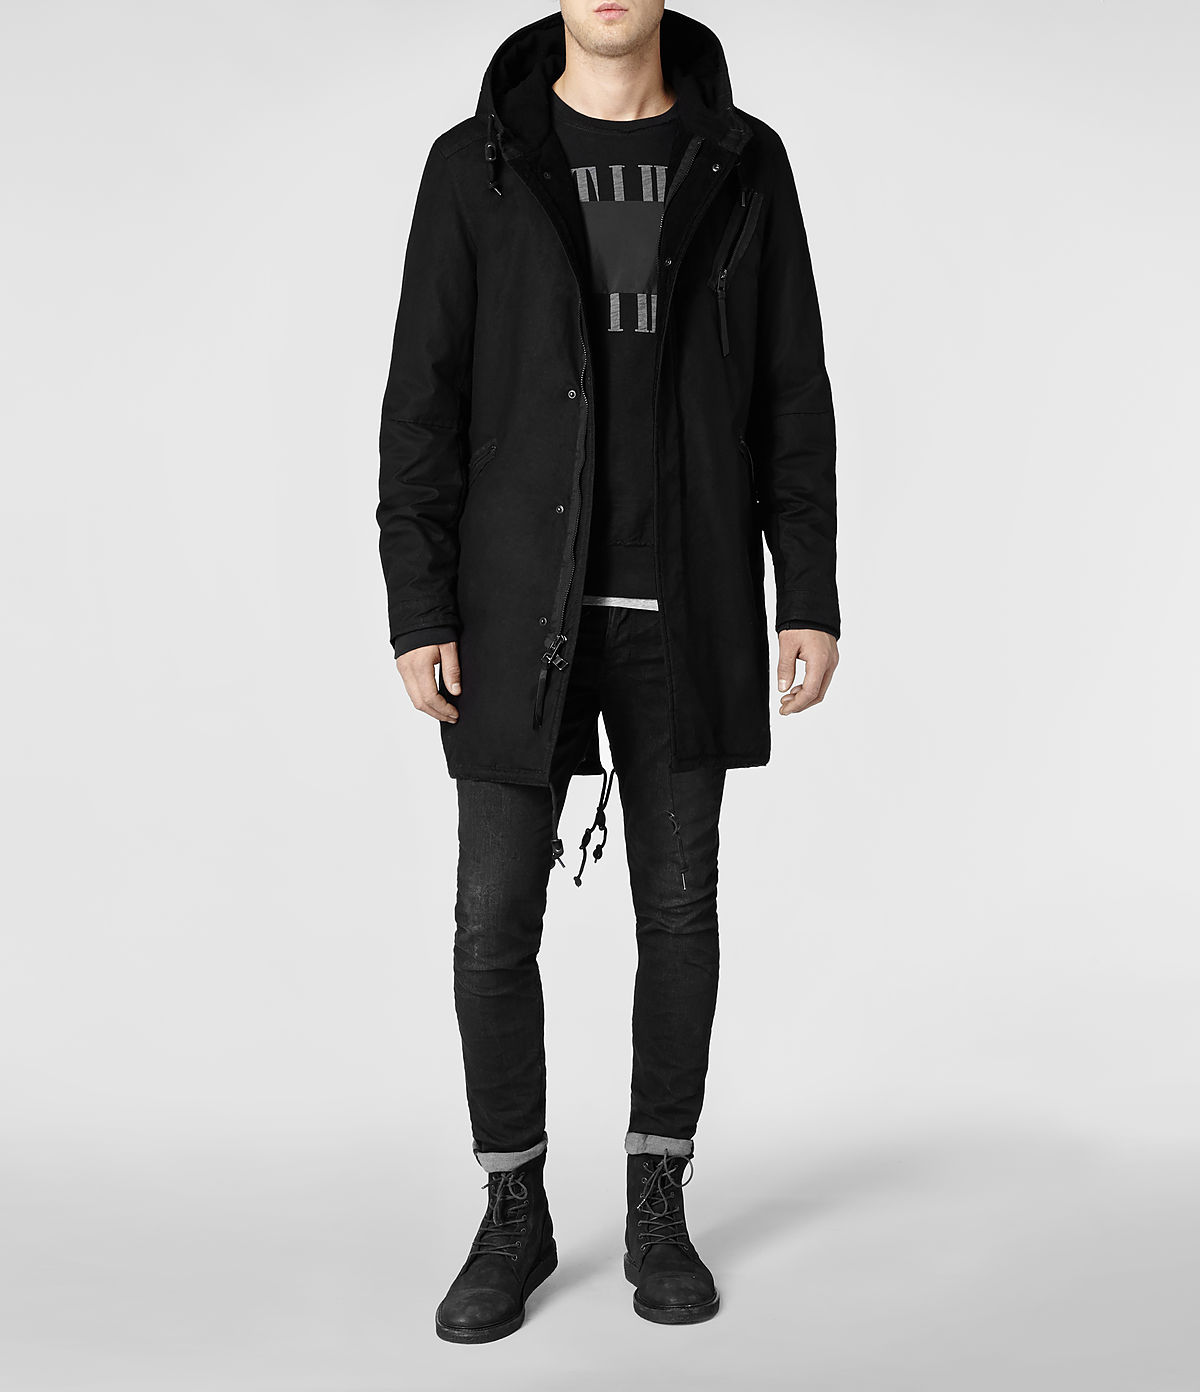 Allsaints Kray Parka Jacket in Black for Men | Lyst